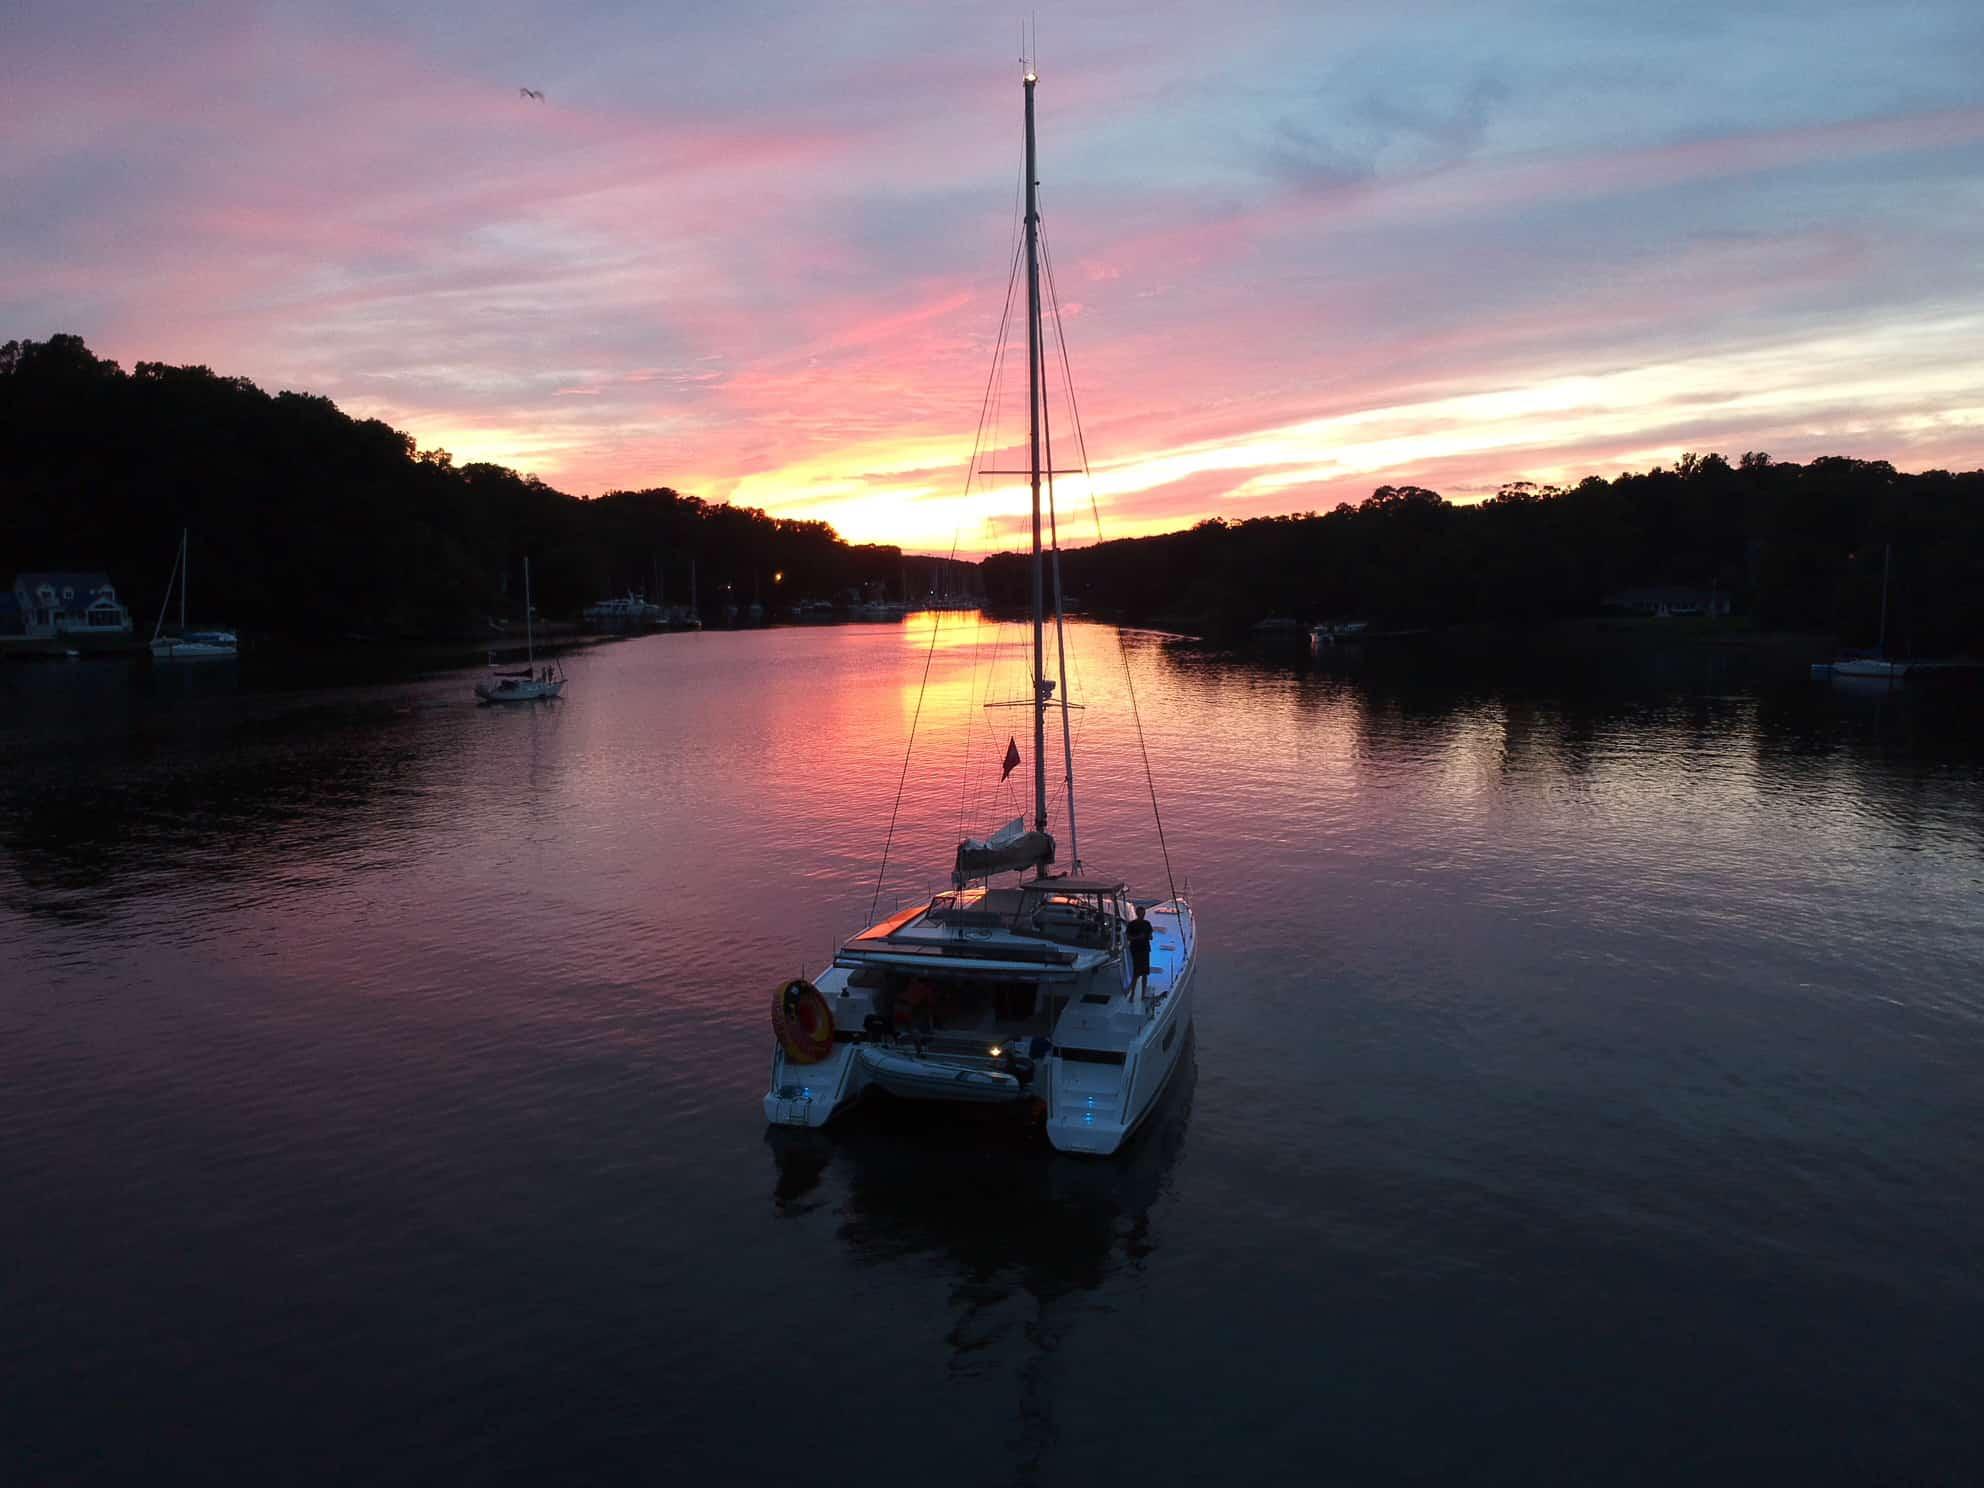 A sailing catamaran at sunset